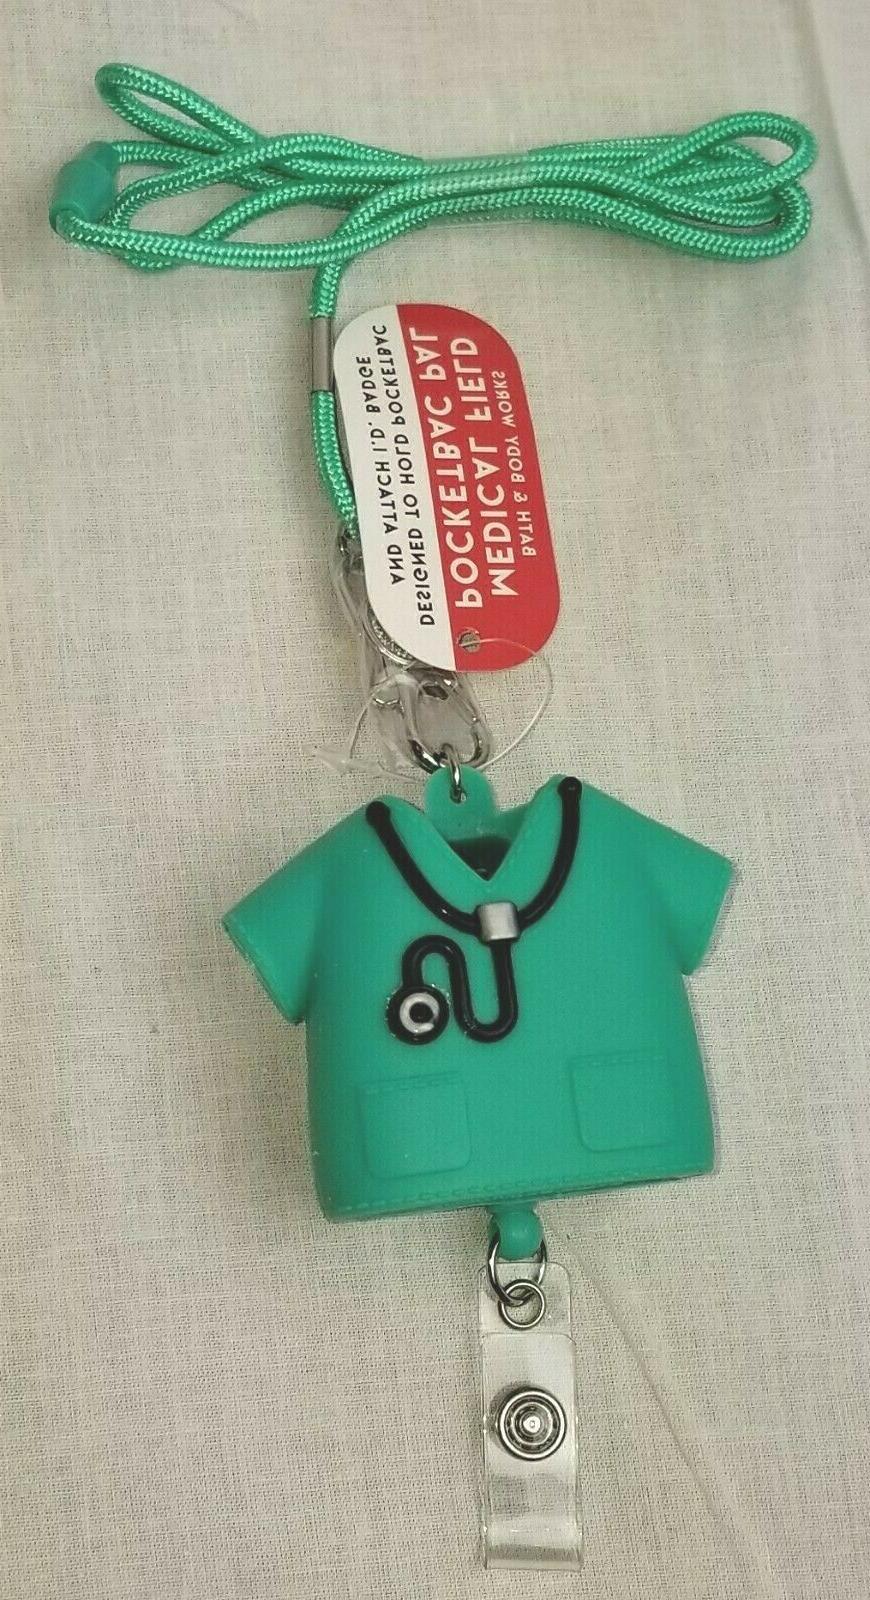 BATH & BODY WORKS MEDICAL DR NURSE SCRUBS POCKETBAC HOLDER S